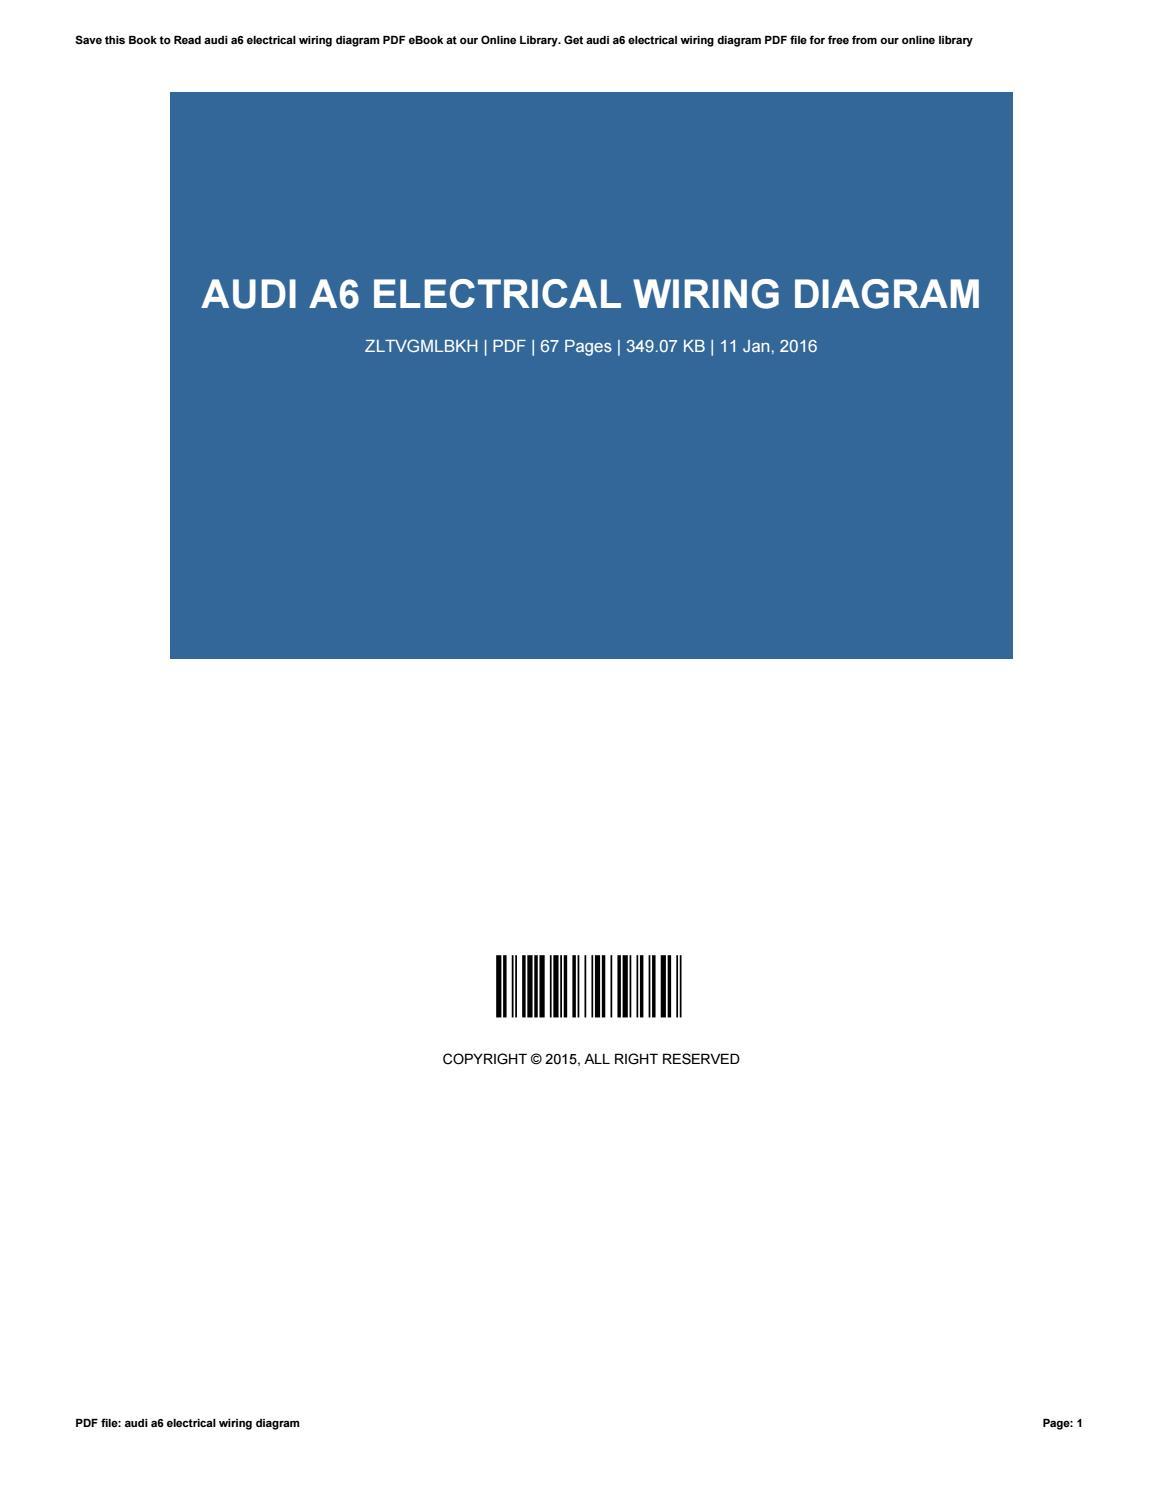 Audi A6 Electrical Wiring Diagram By Asdhgsad30